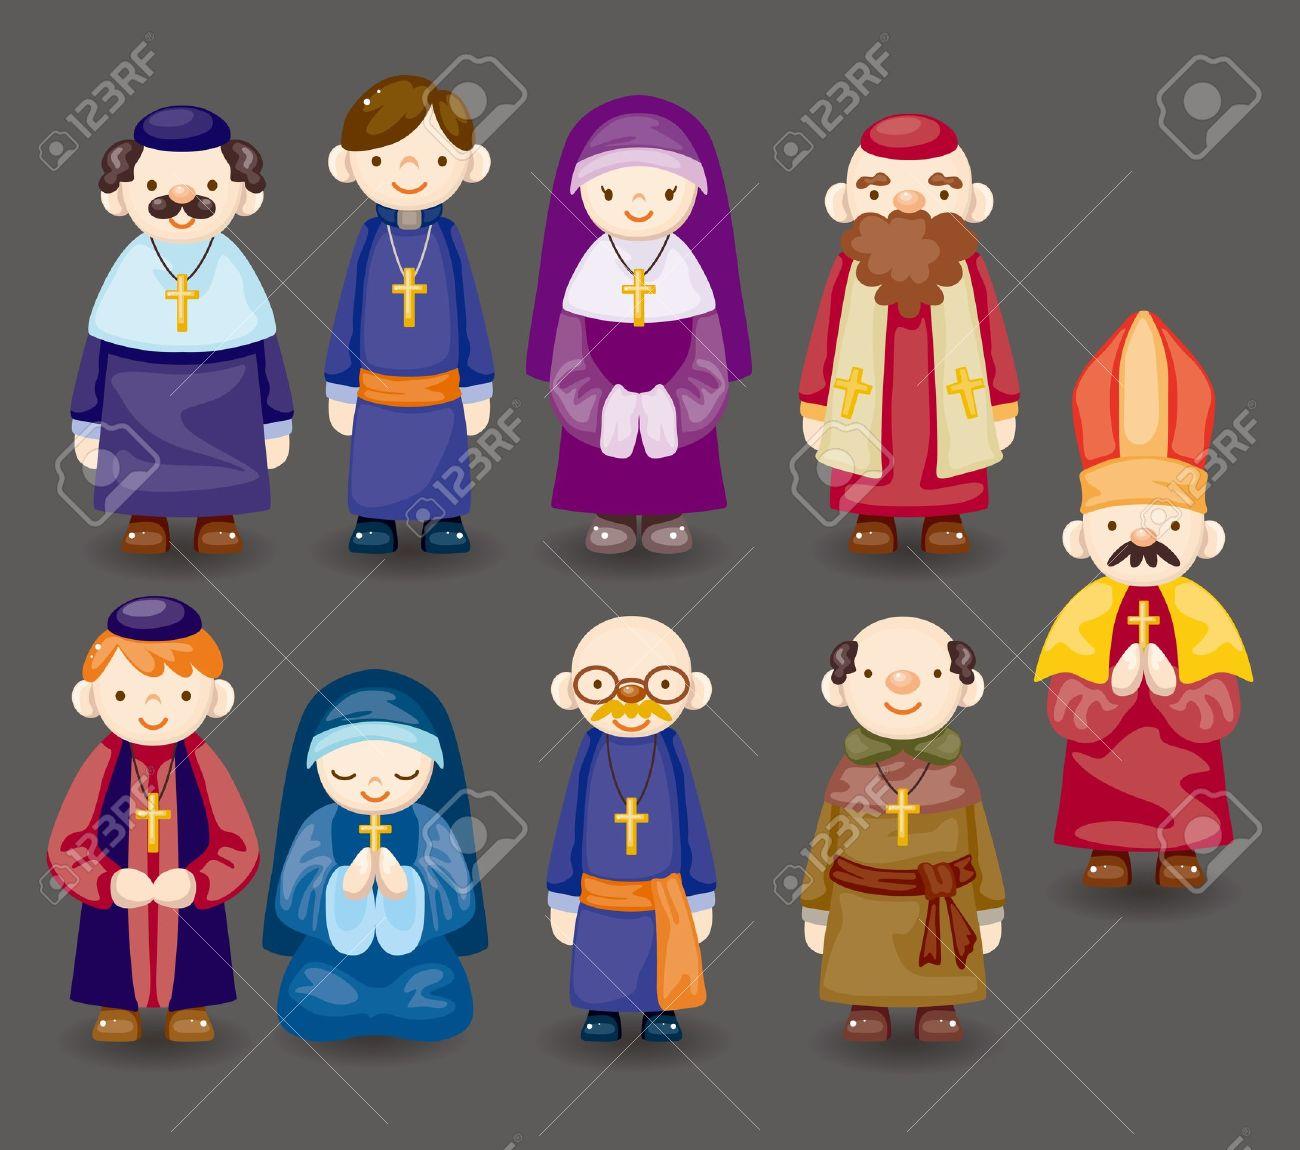 cartoon priest icon Stock Vector - 11529463